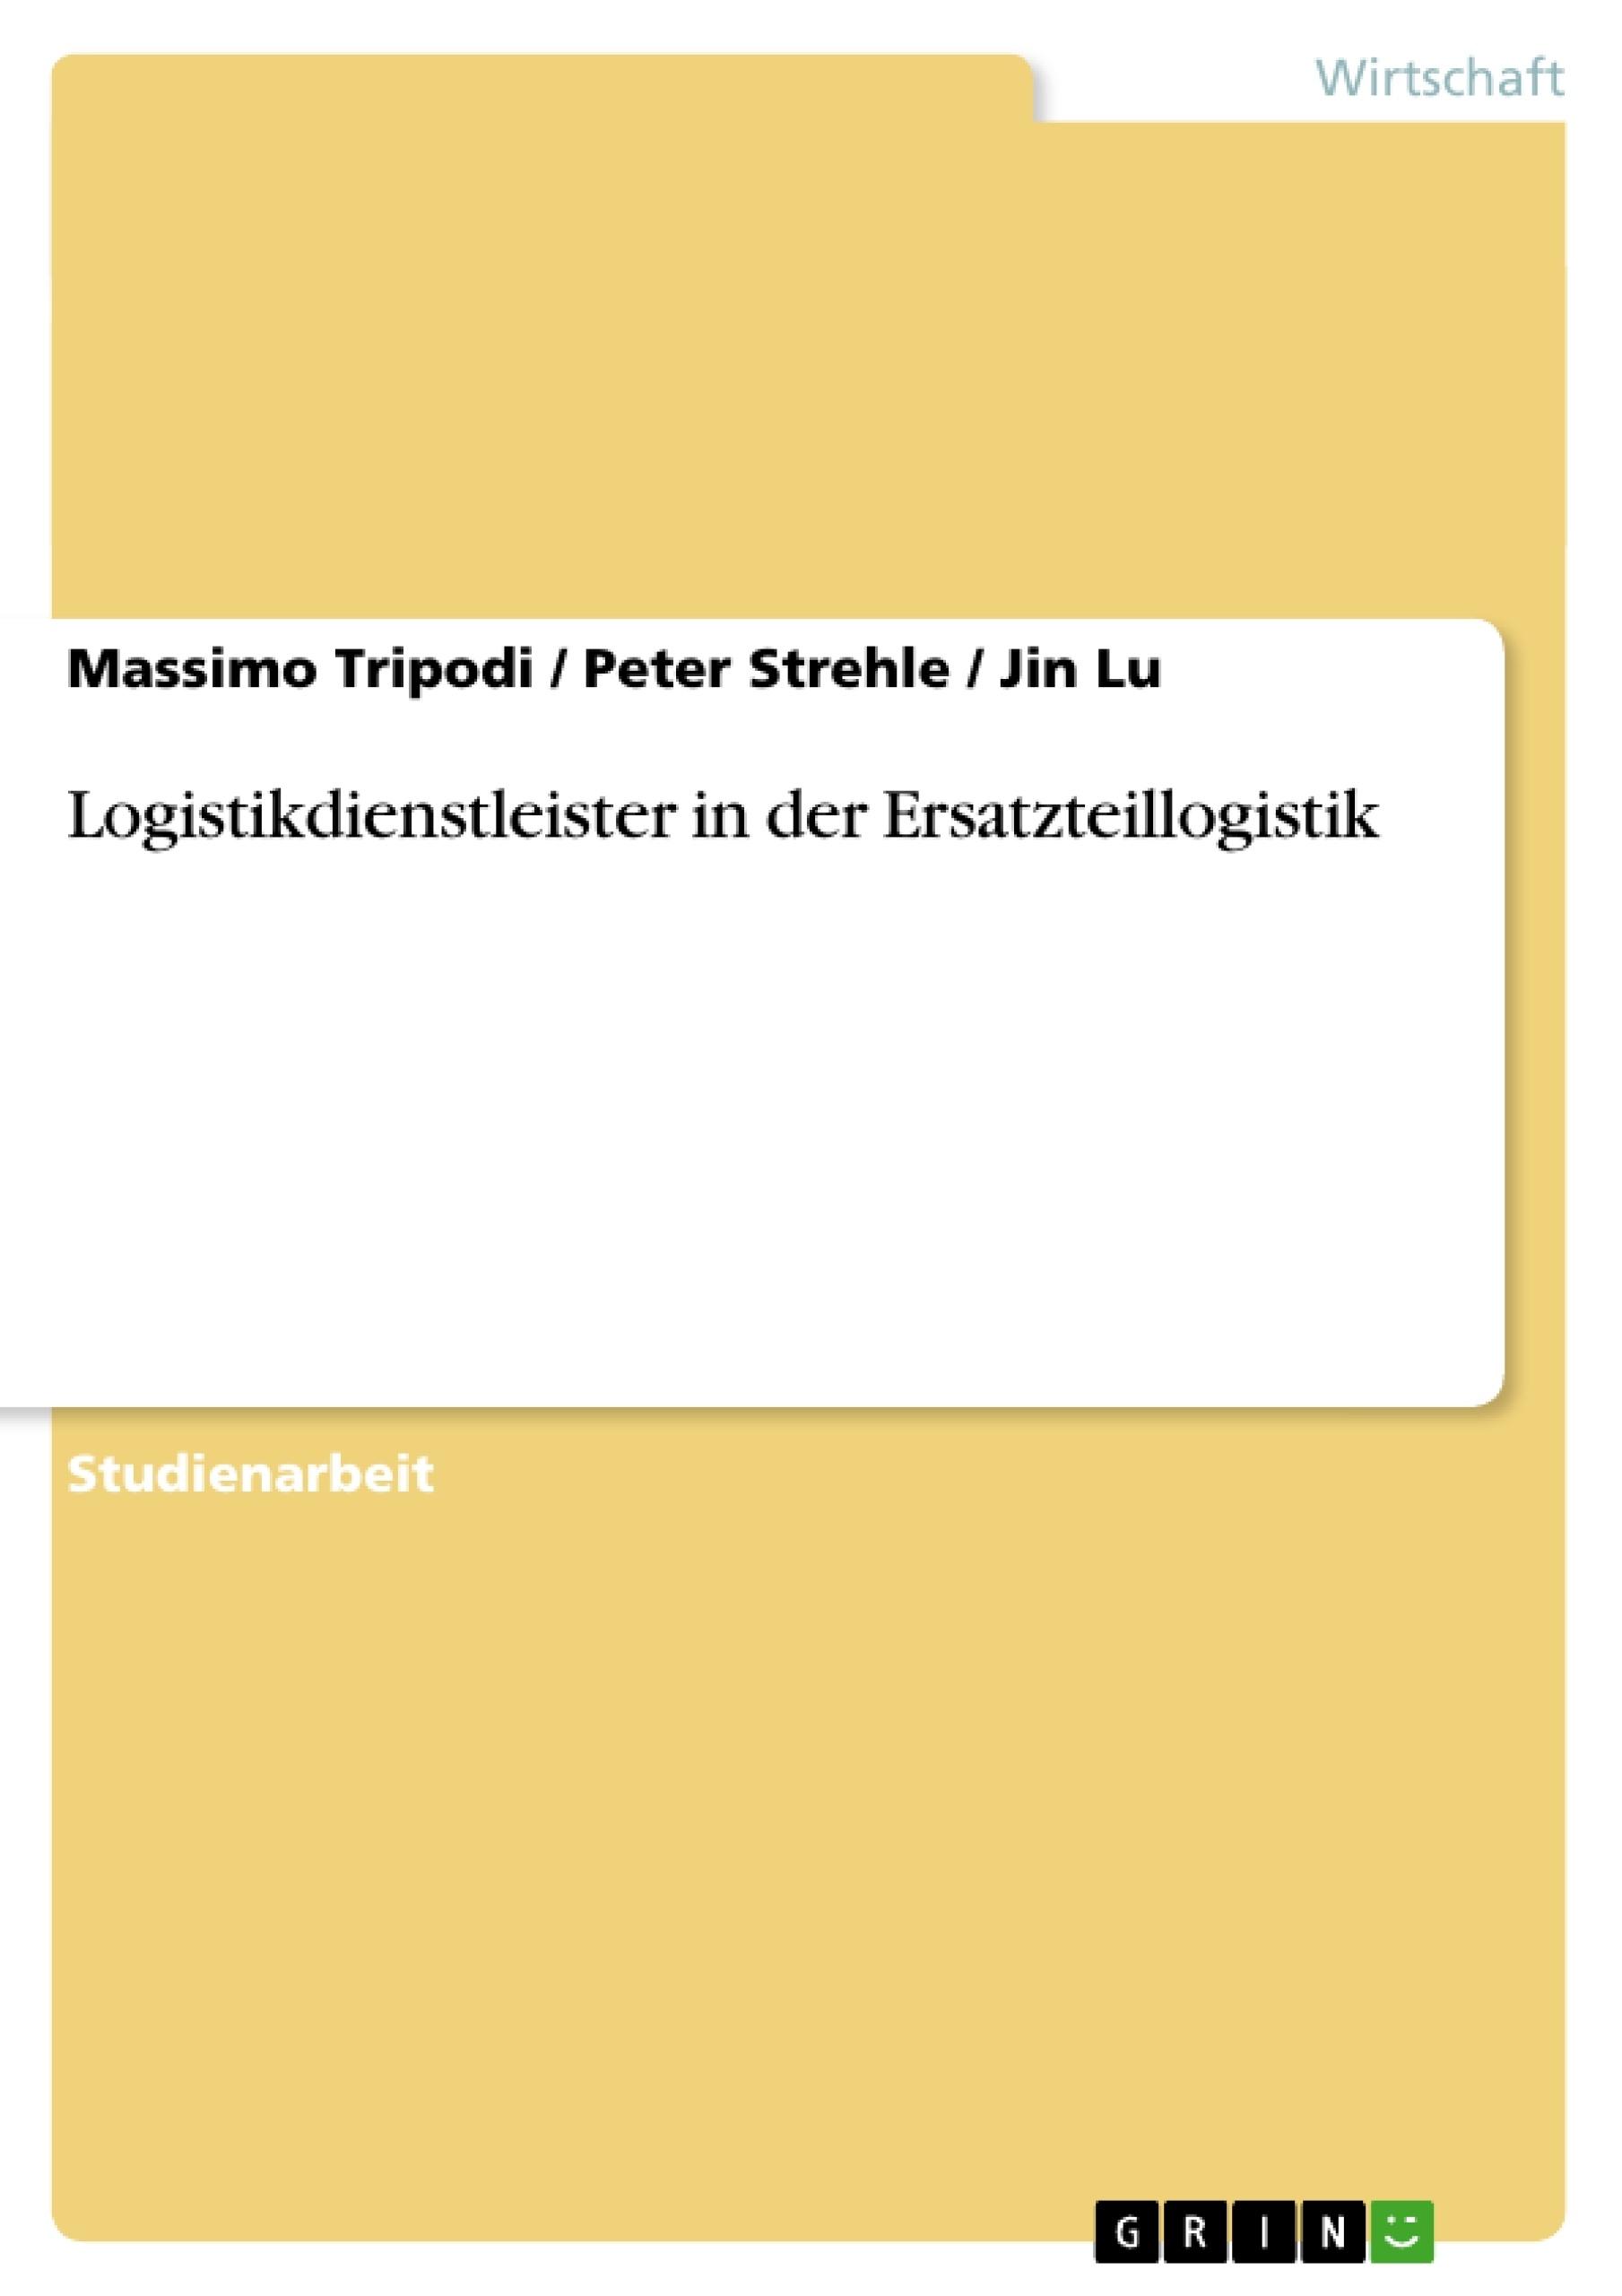 Titel: Logistikdienstleister in der Ersatzteillogistik